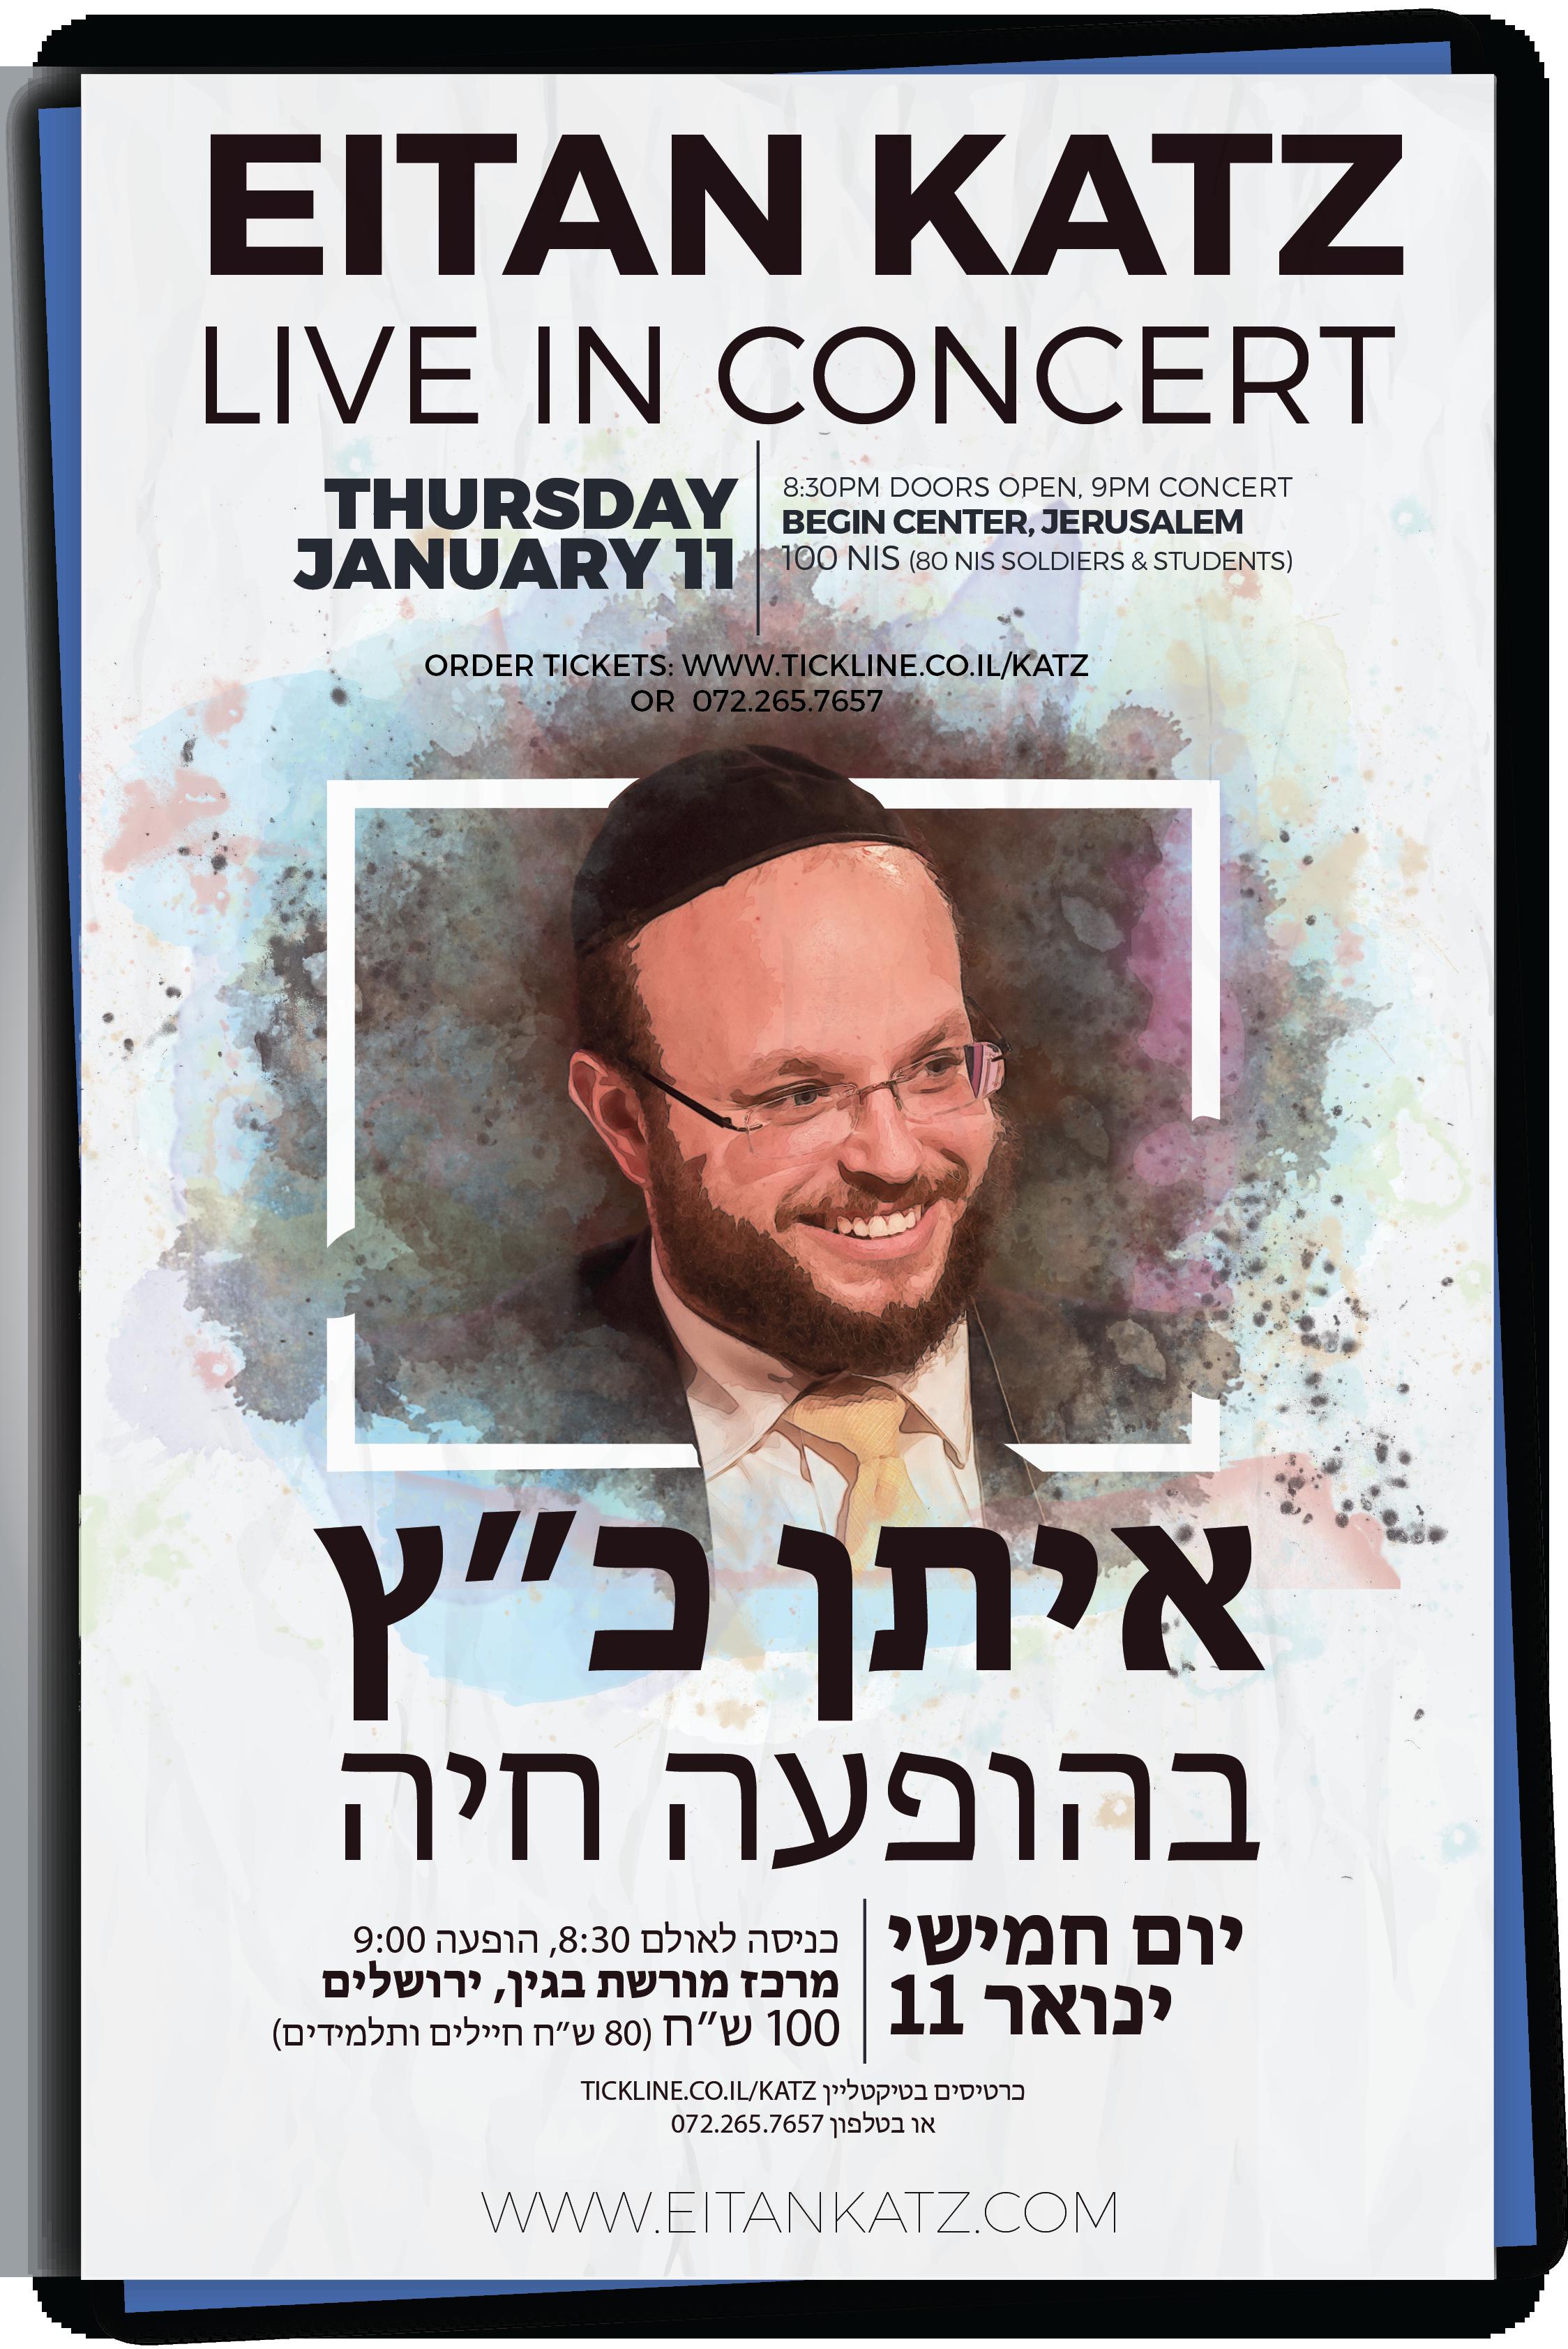 Live In Concert - Concert Poster, Eitan Katz